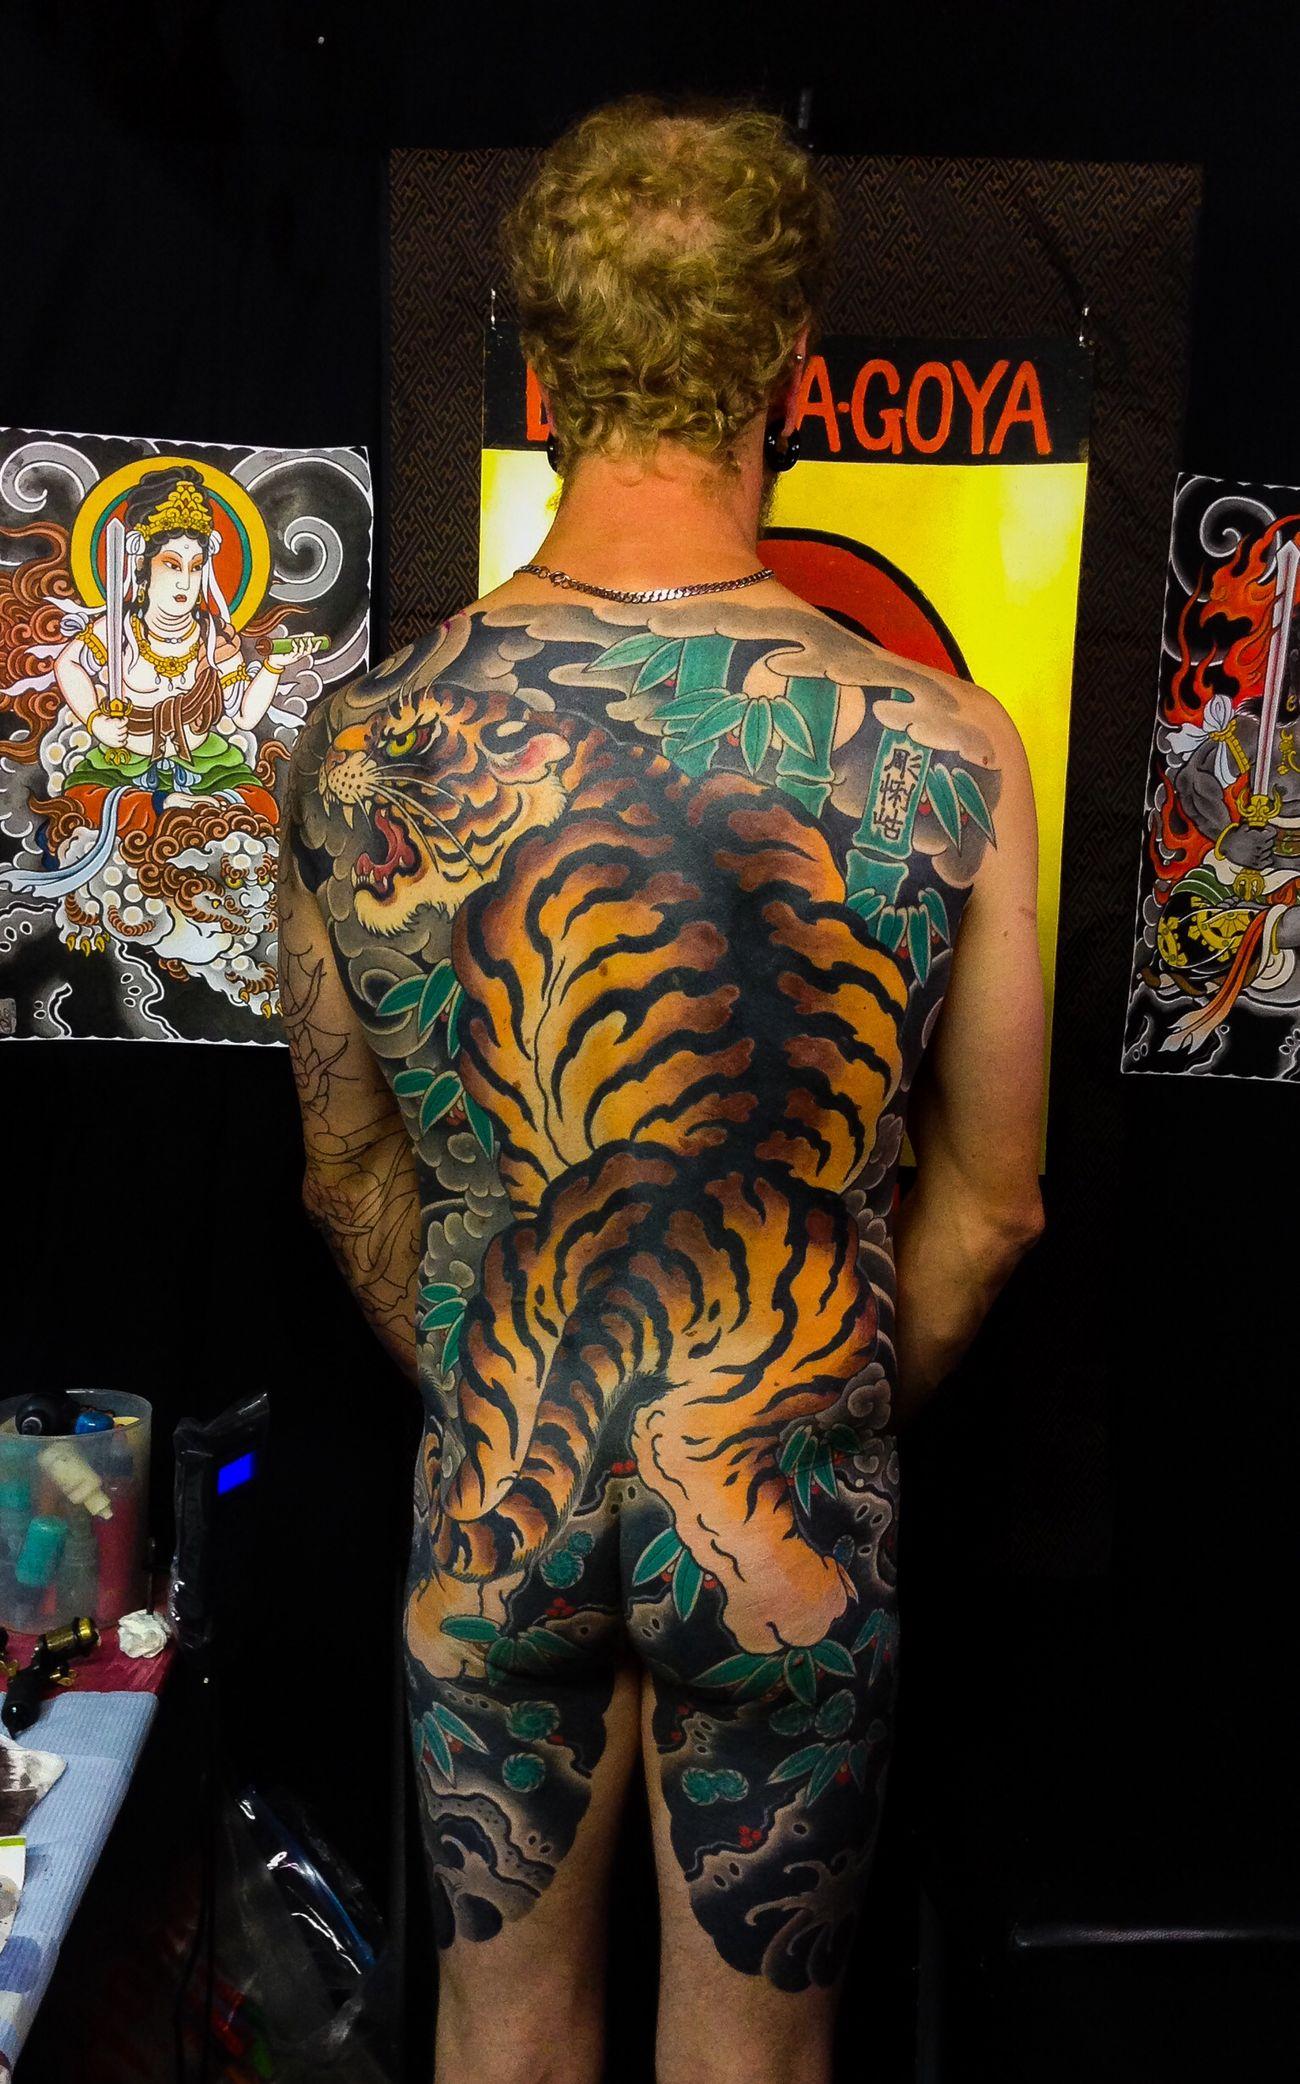 Brother's Tattoo Daruma Goya